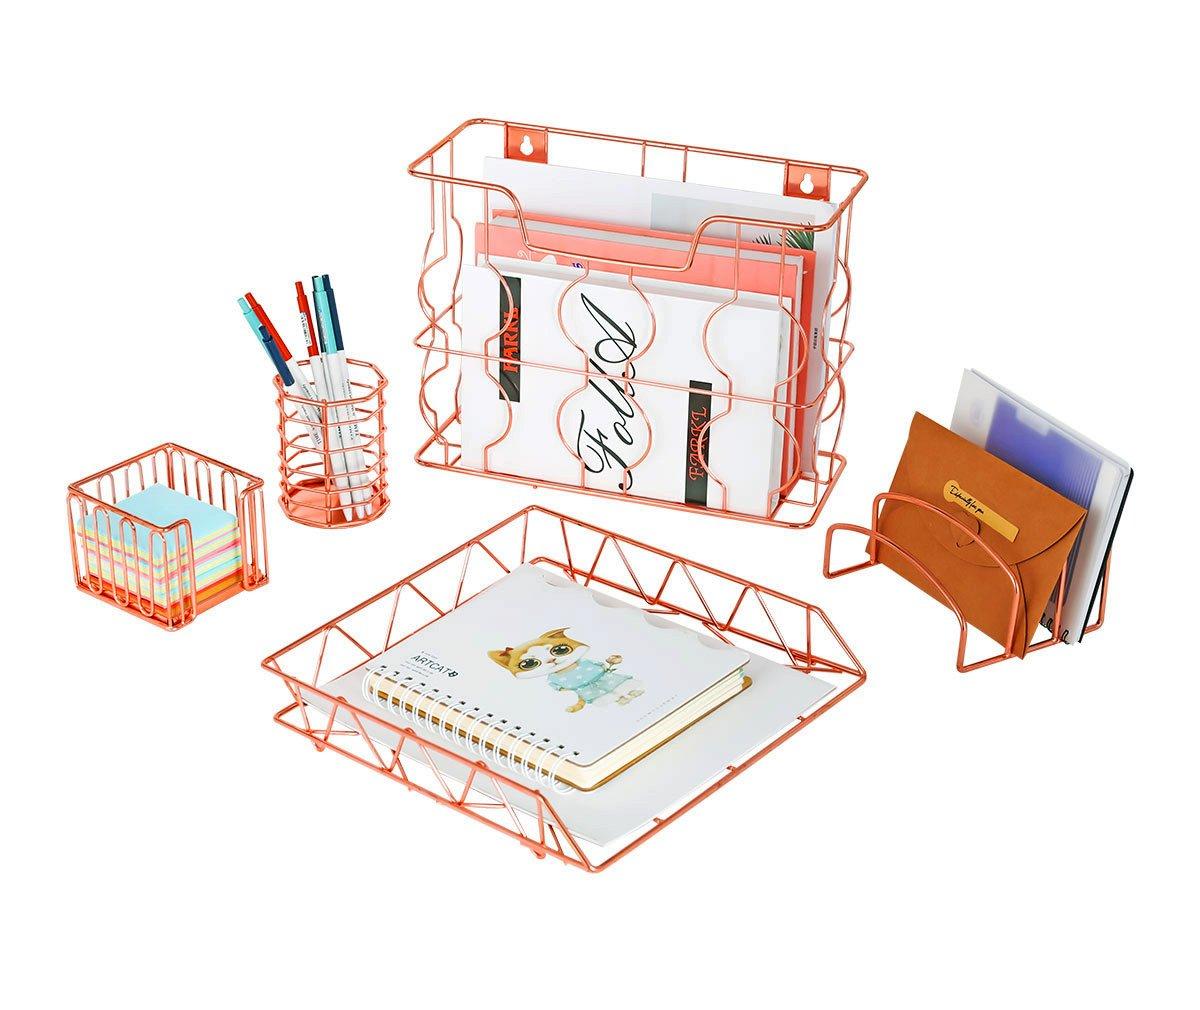 PAG Rose Gold Office Supplies 5 in 1 Metal Desk Organizer Set - Hanging File Organizer, File Tray, Letter Sorter, Pencil Holder Stick Note Holder Hongsheng